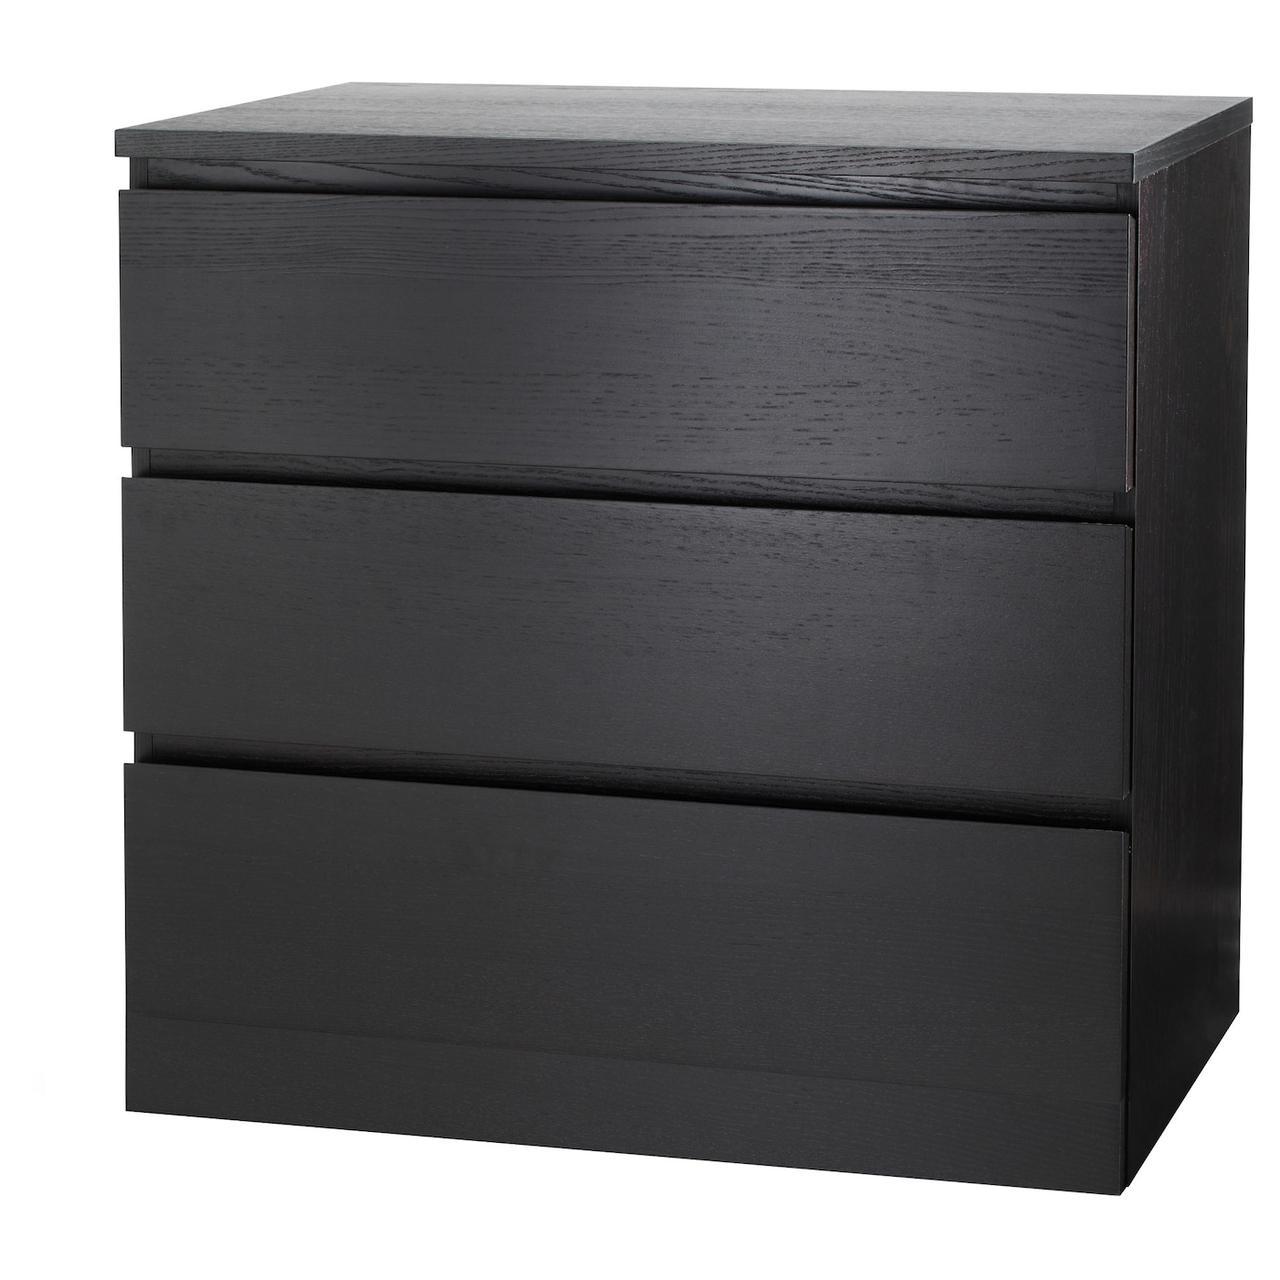 Комод IKEA MALM 80x78 см с 3 ящиками черно-коричневый 204.035.57